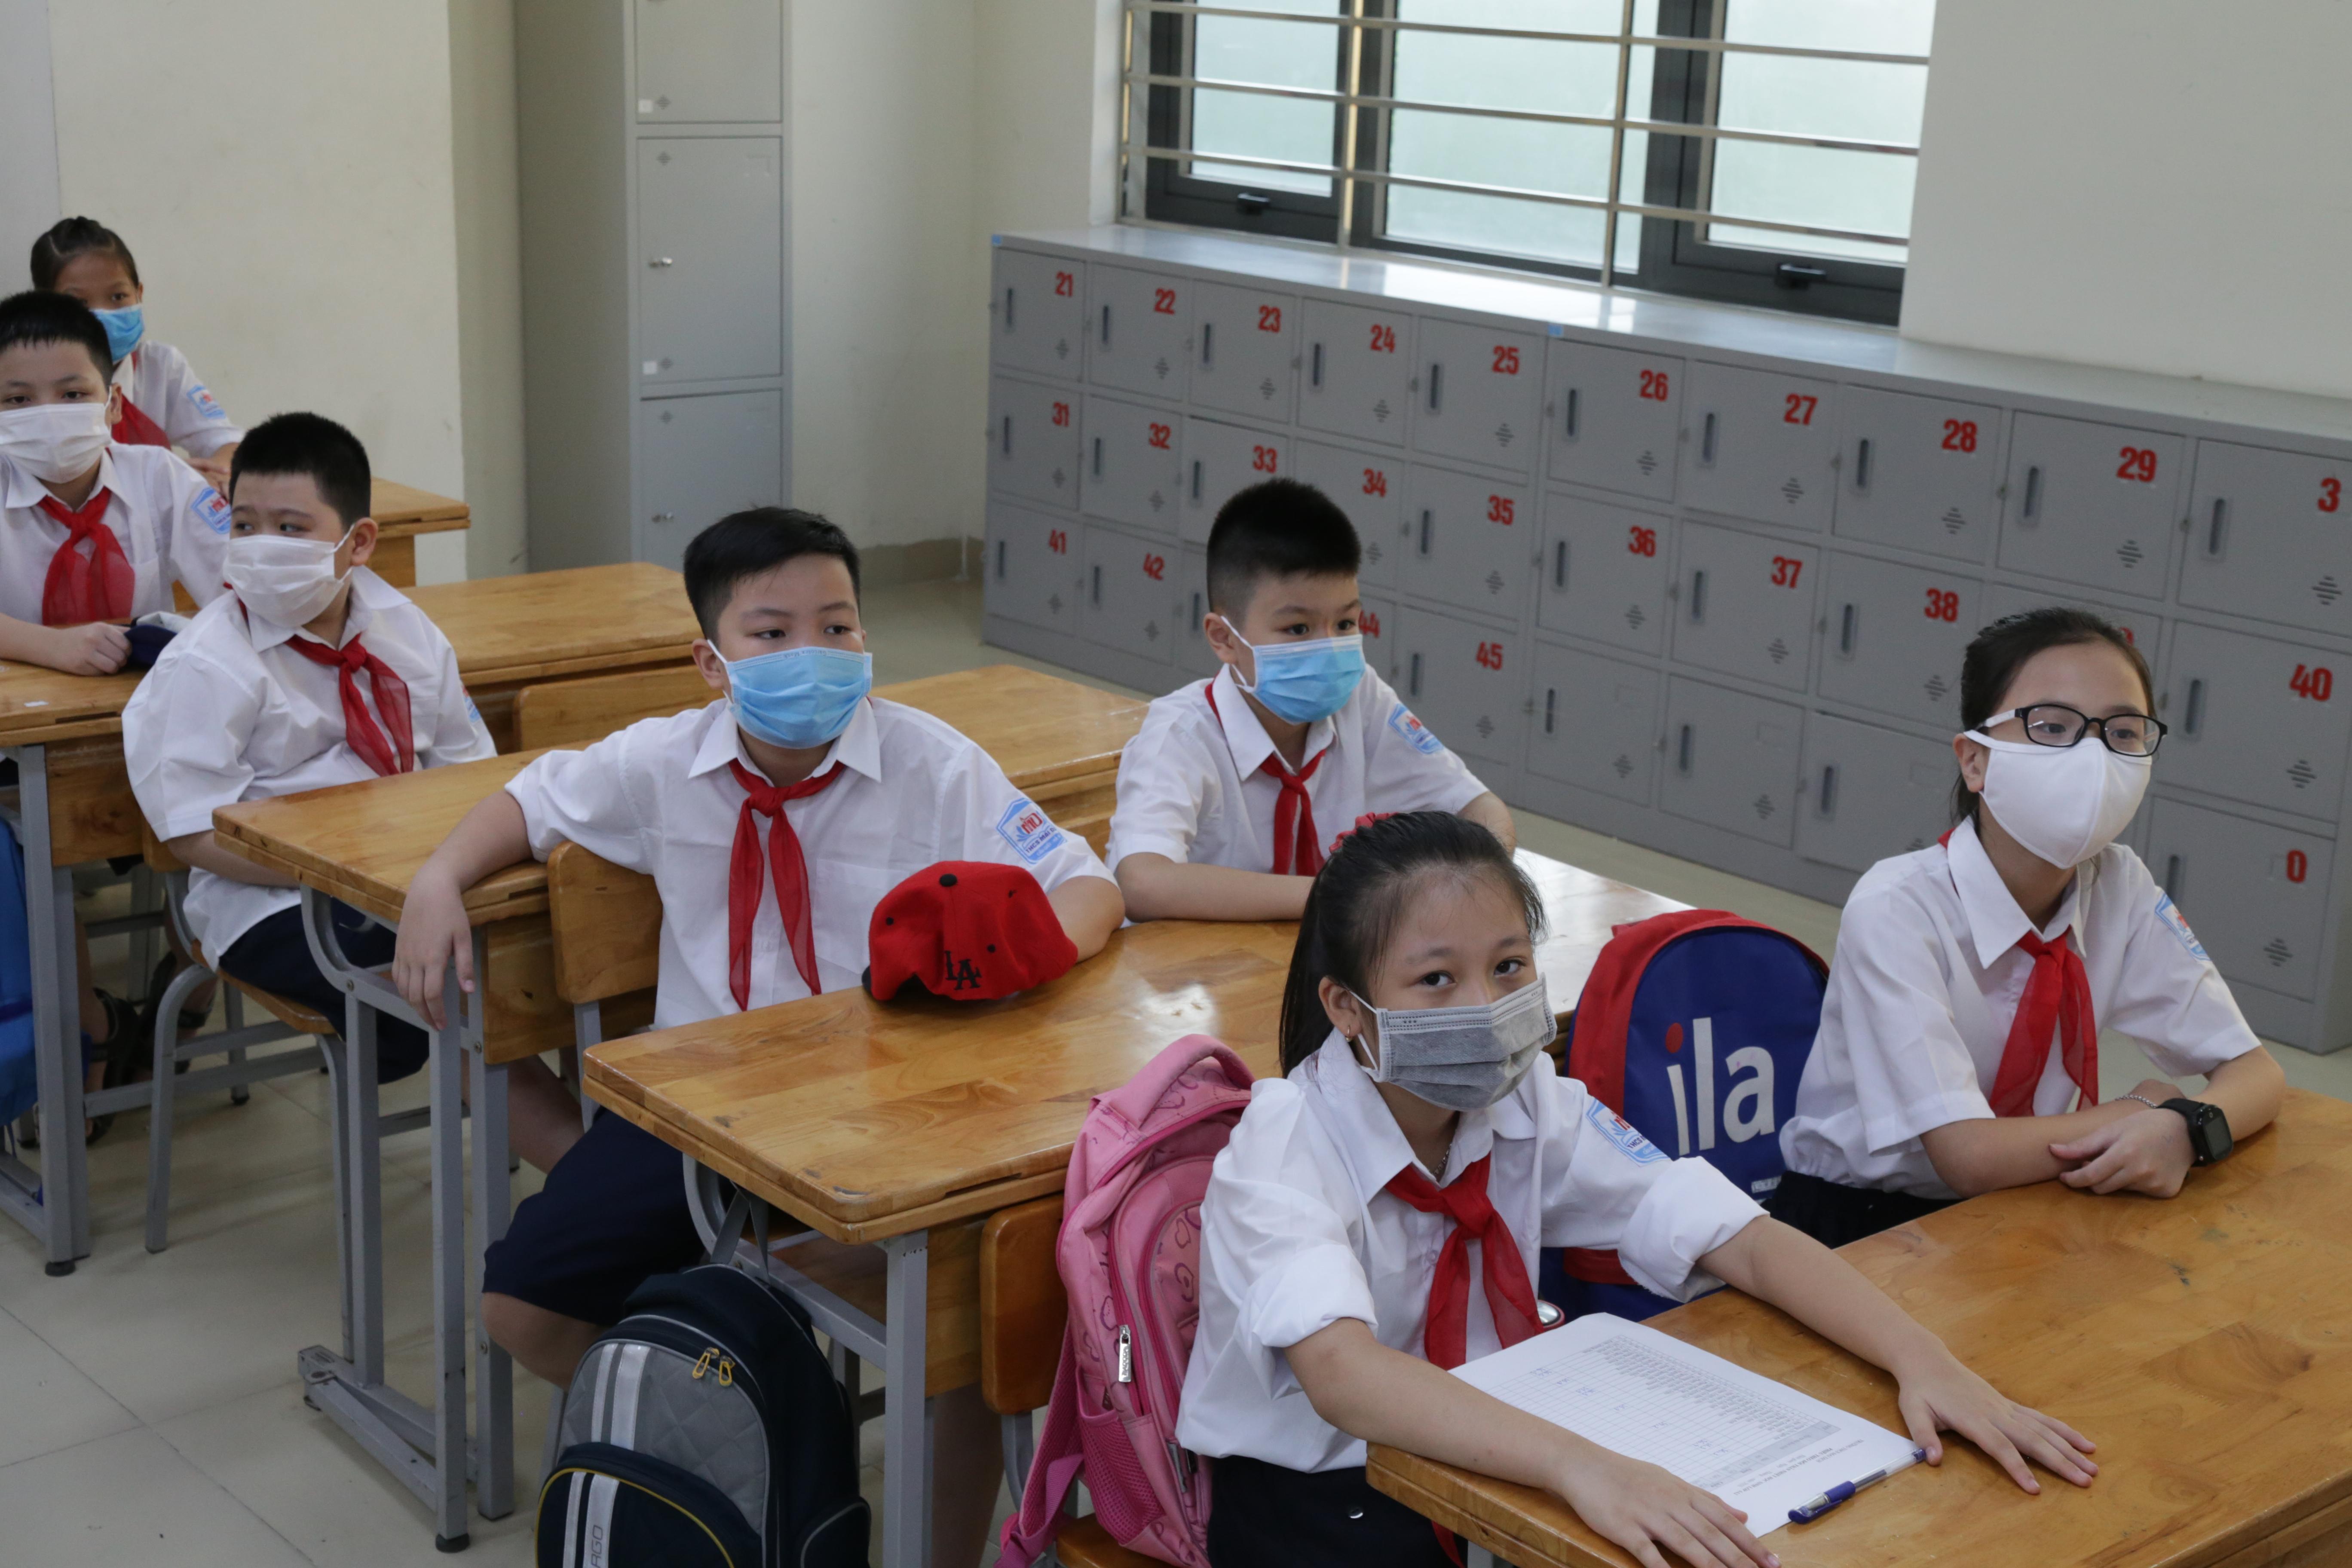 Cuộc đua vào lớp 6 các trường điểm ở Hà Nội nóng từng ngày. Ảnh: Quang Vinh.